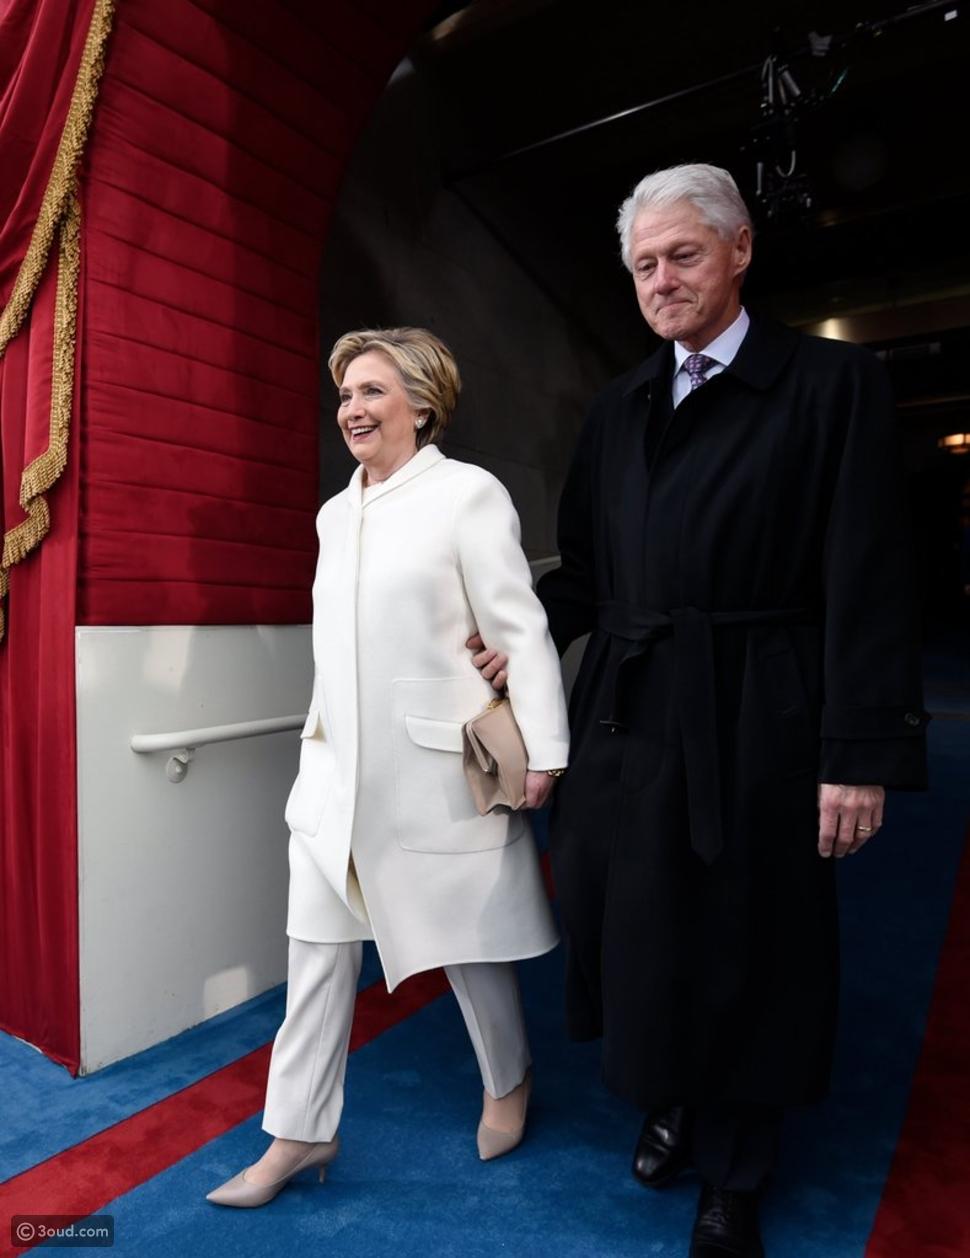 هيلاري كلينتون تختار رالف لورين في يوم التنصيب